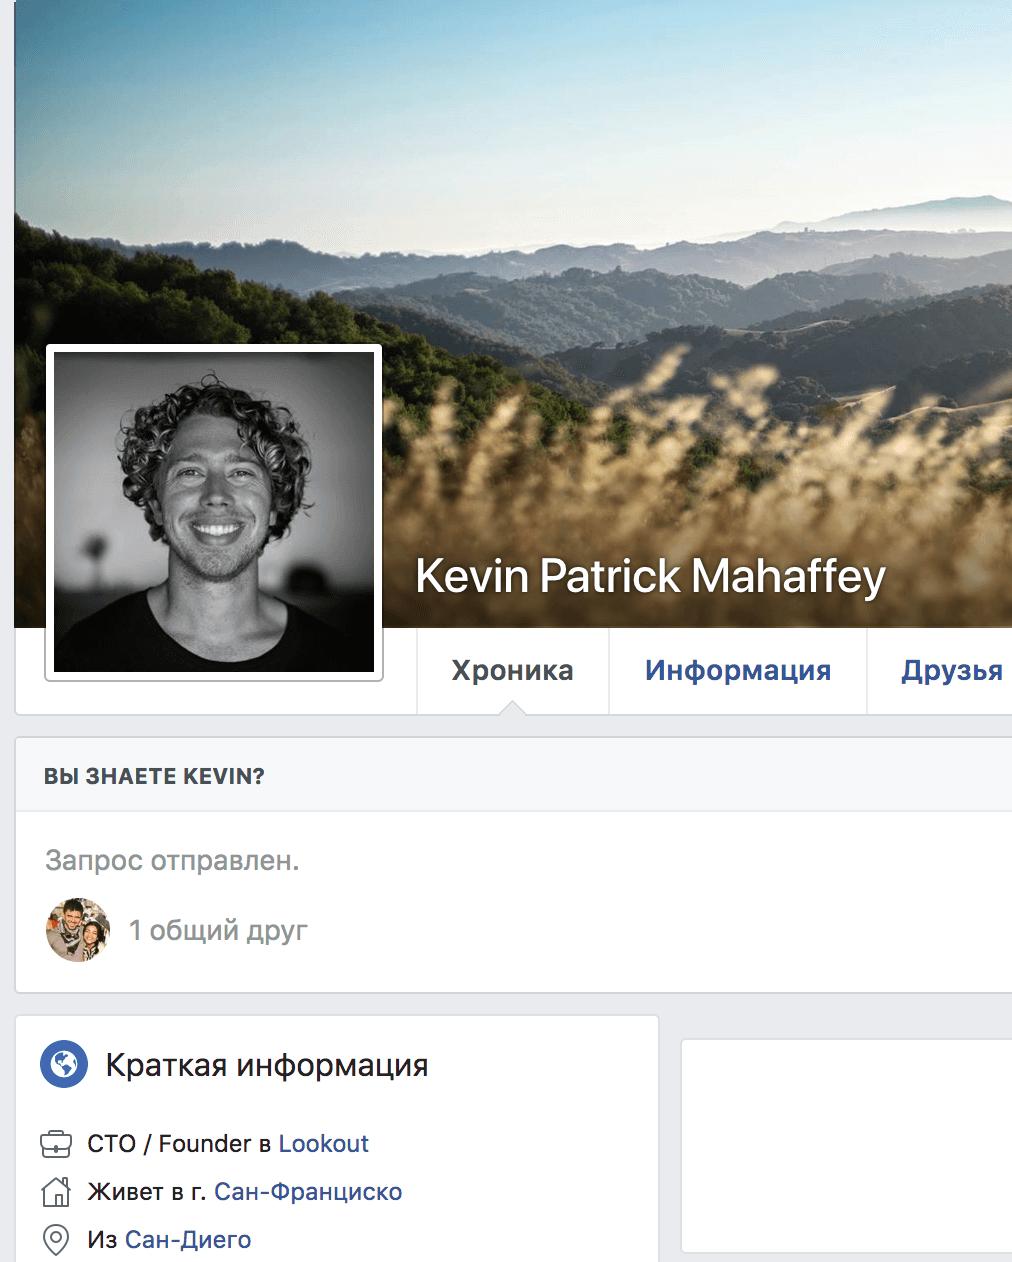 пример хорошего профиля в Facebook